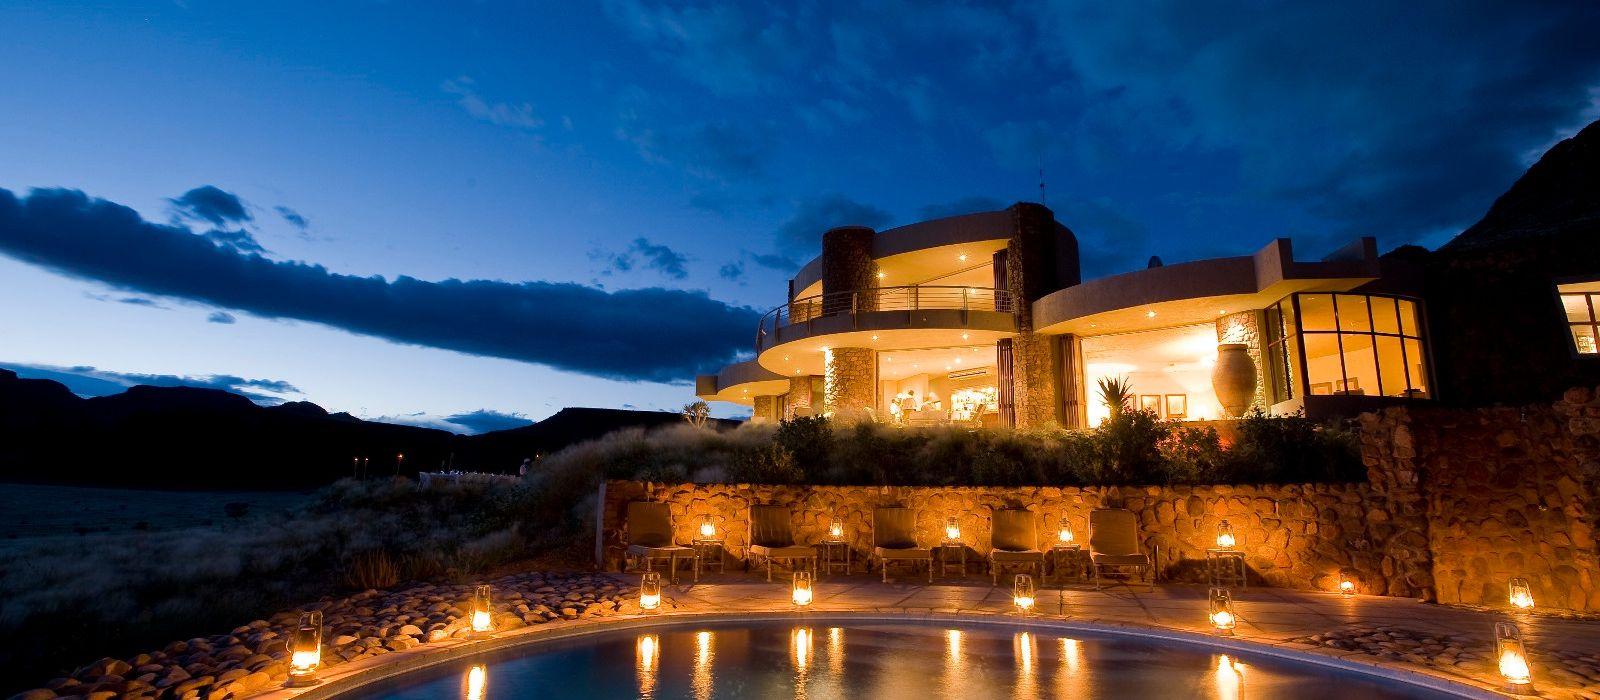 Hotel Sossusvlei Desert Lodge Namibia